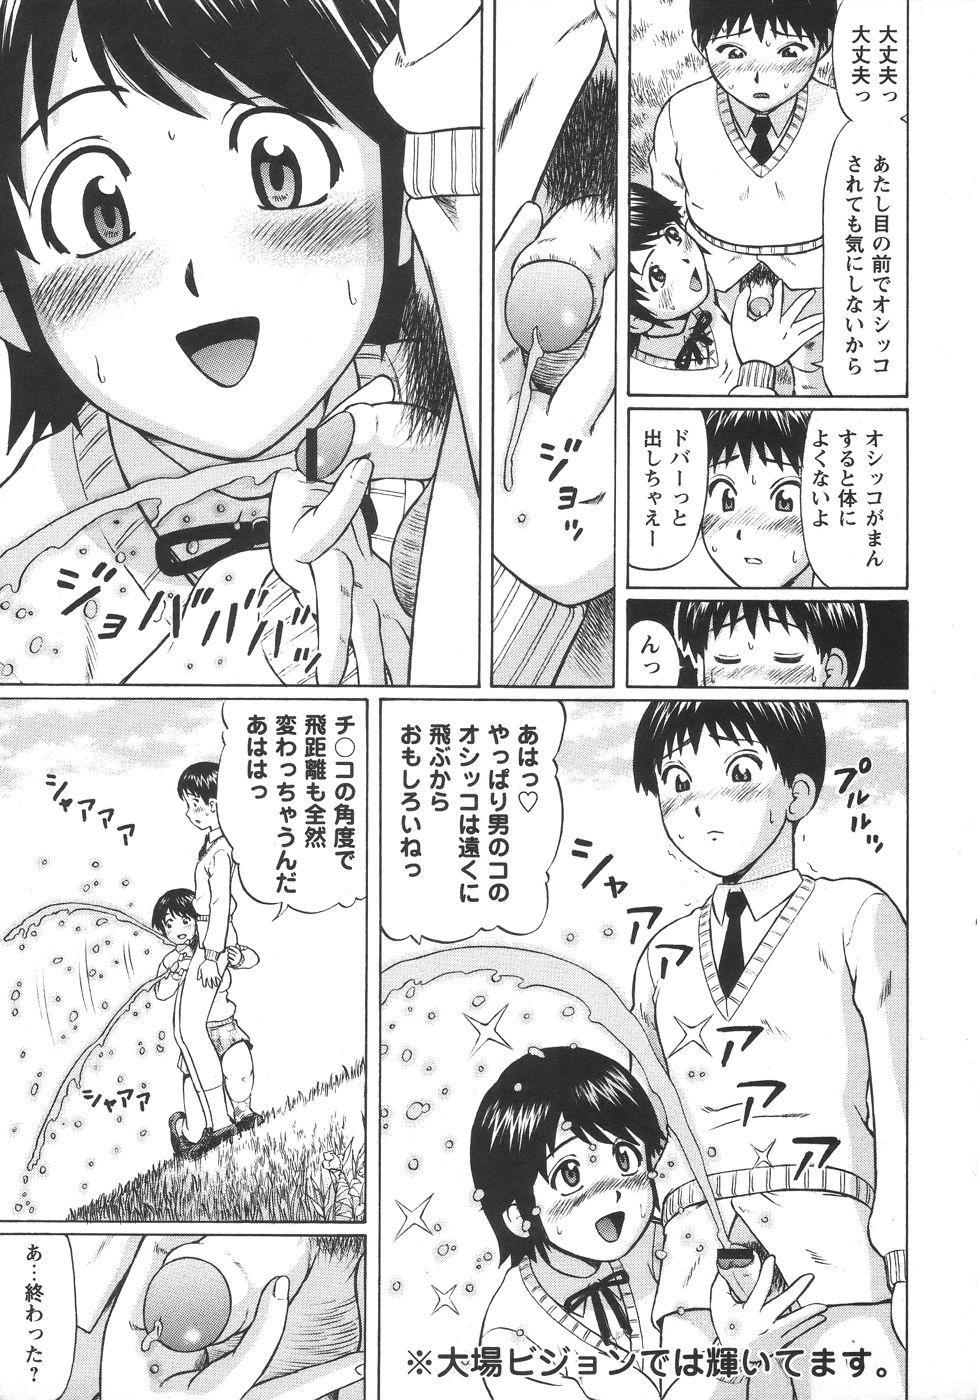 Comic Masyo 2006-06 28